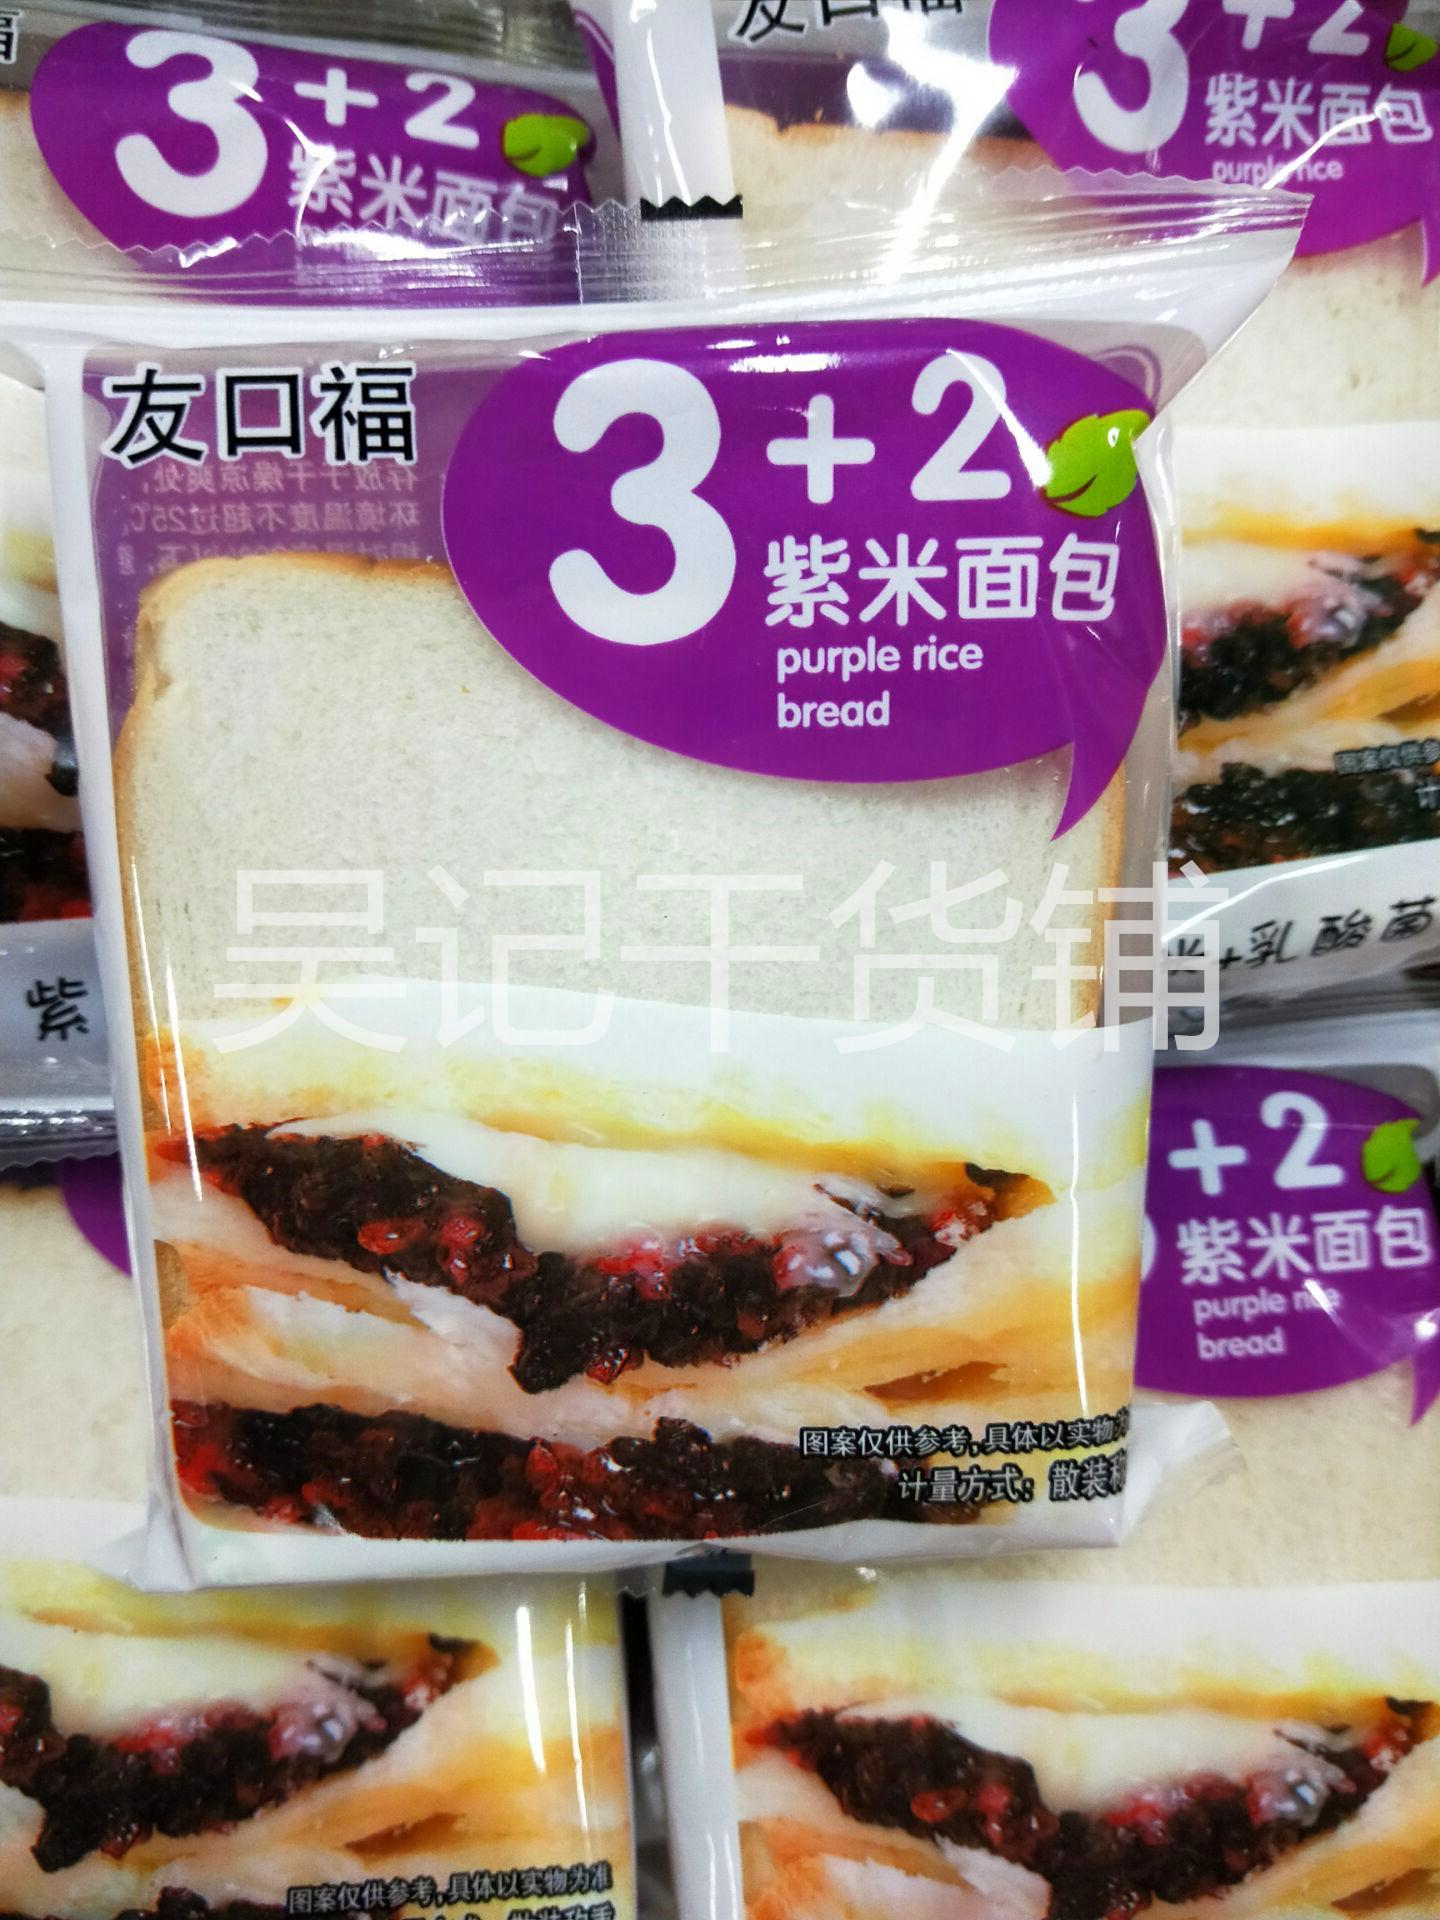 友口福网红3+2紫米面包夹心吐司独立小包装整箱好吃早餐点心食品券后30.00元